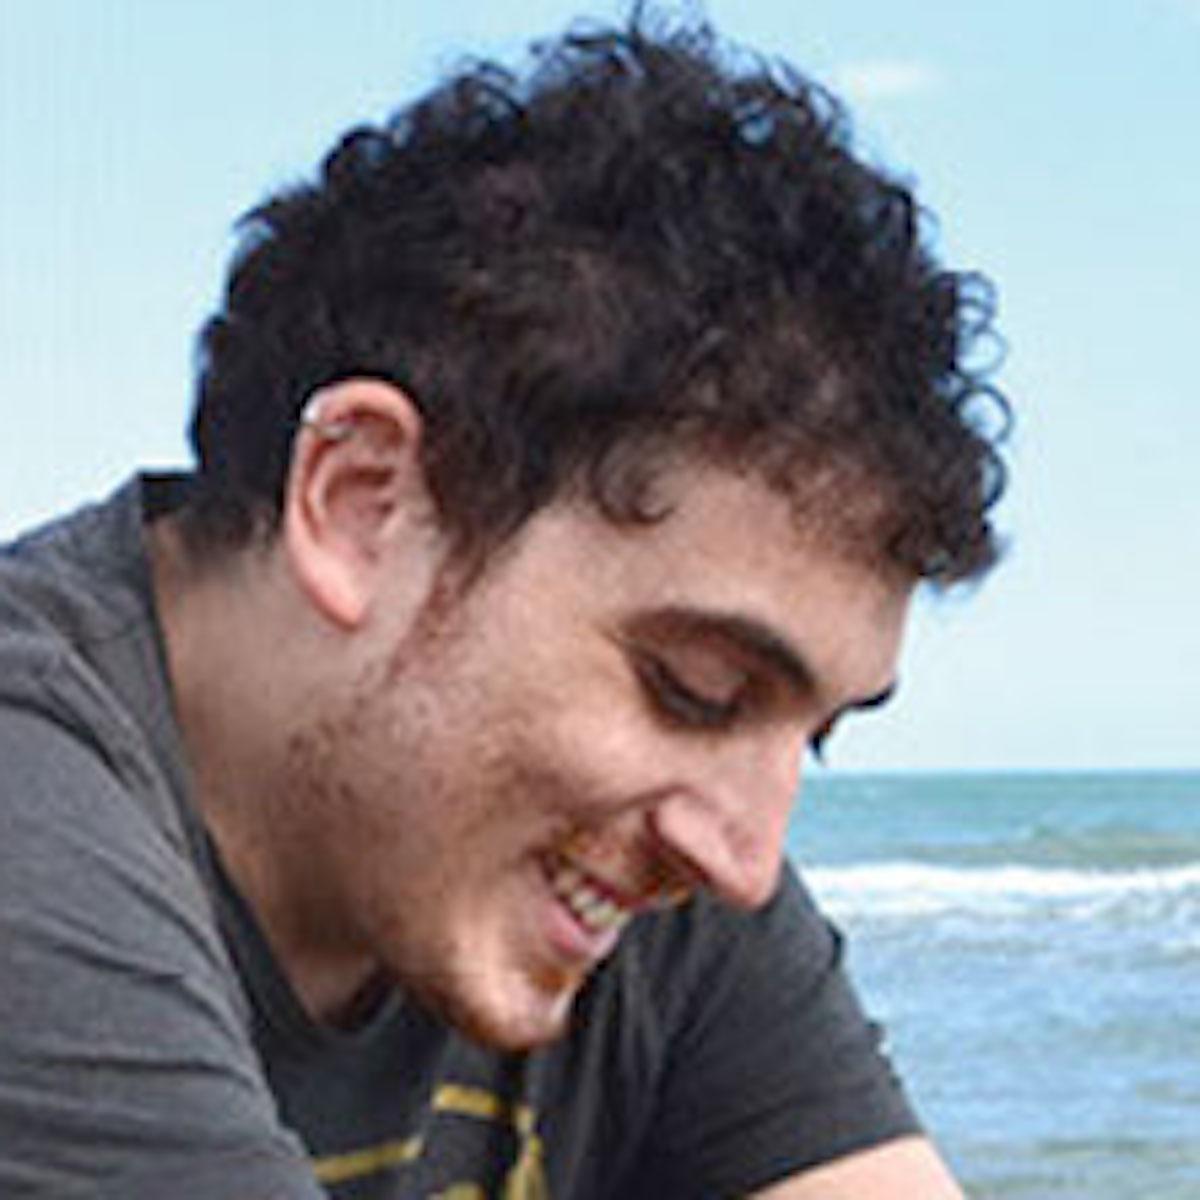 Marco Marsullo